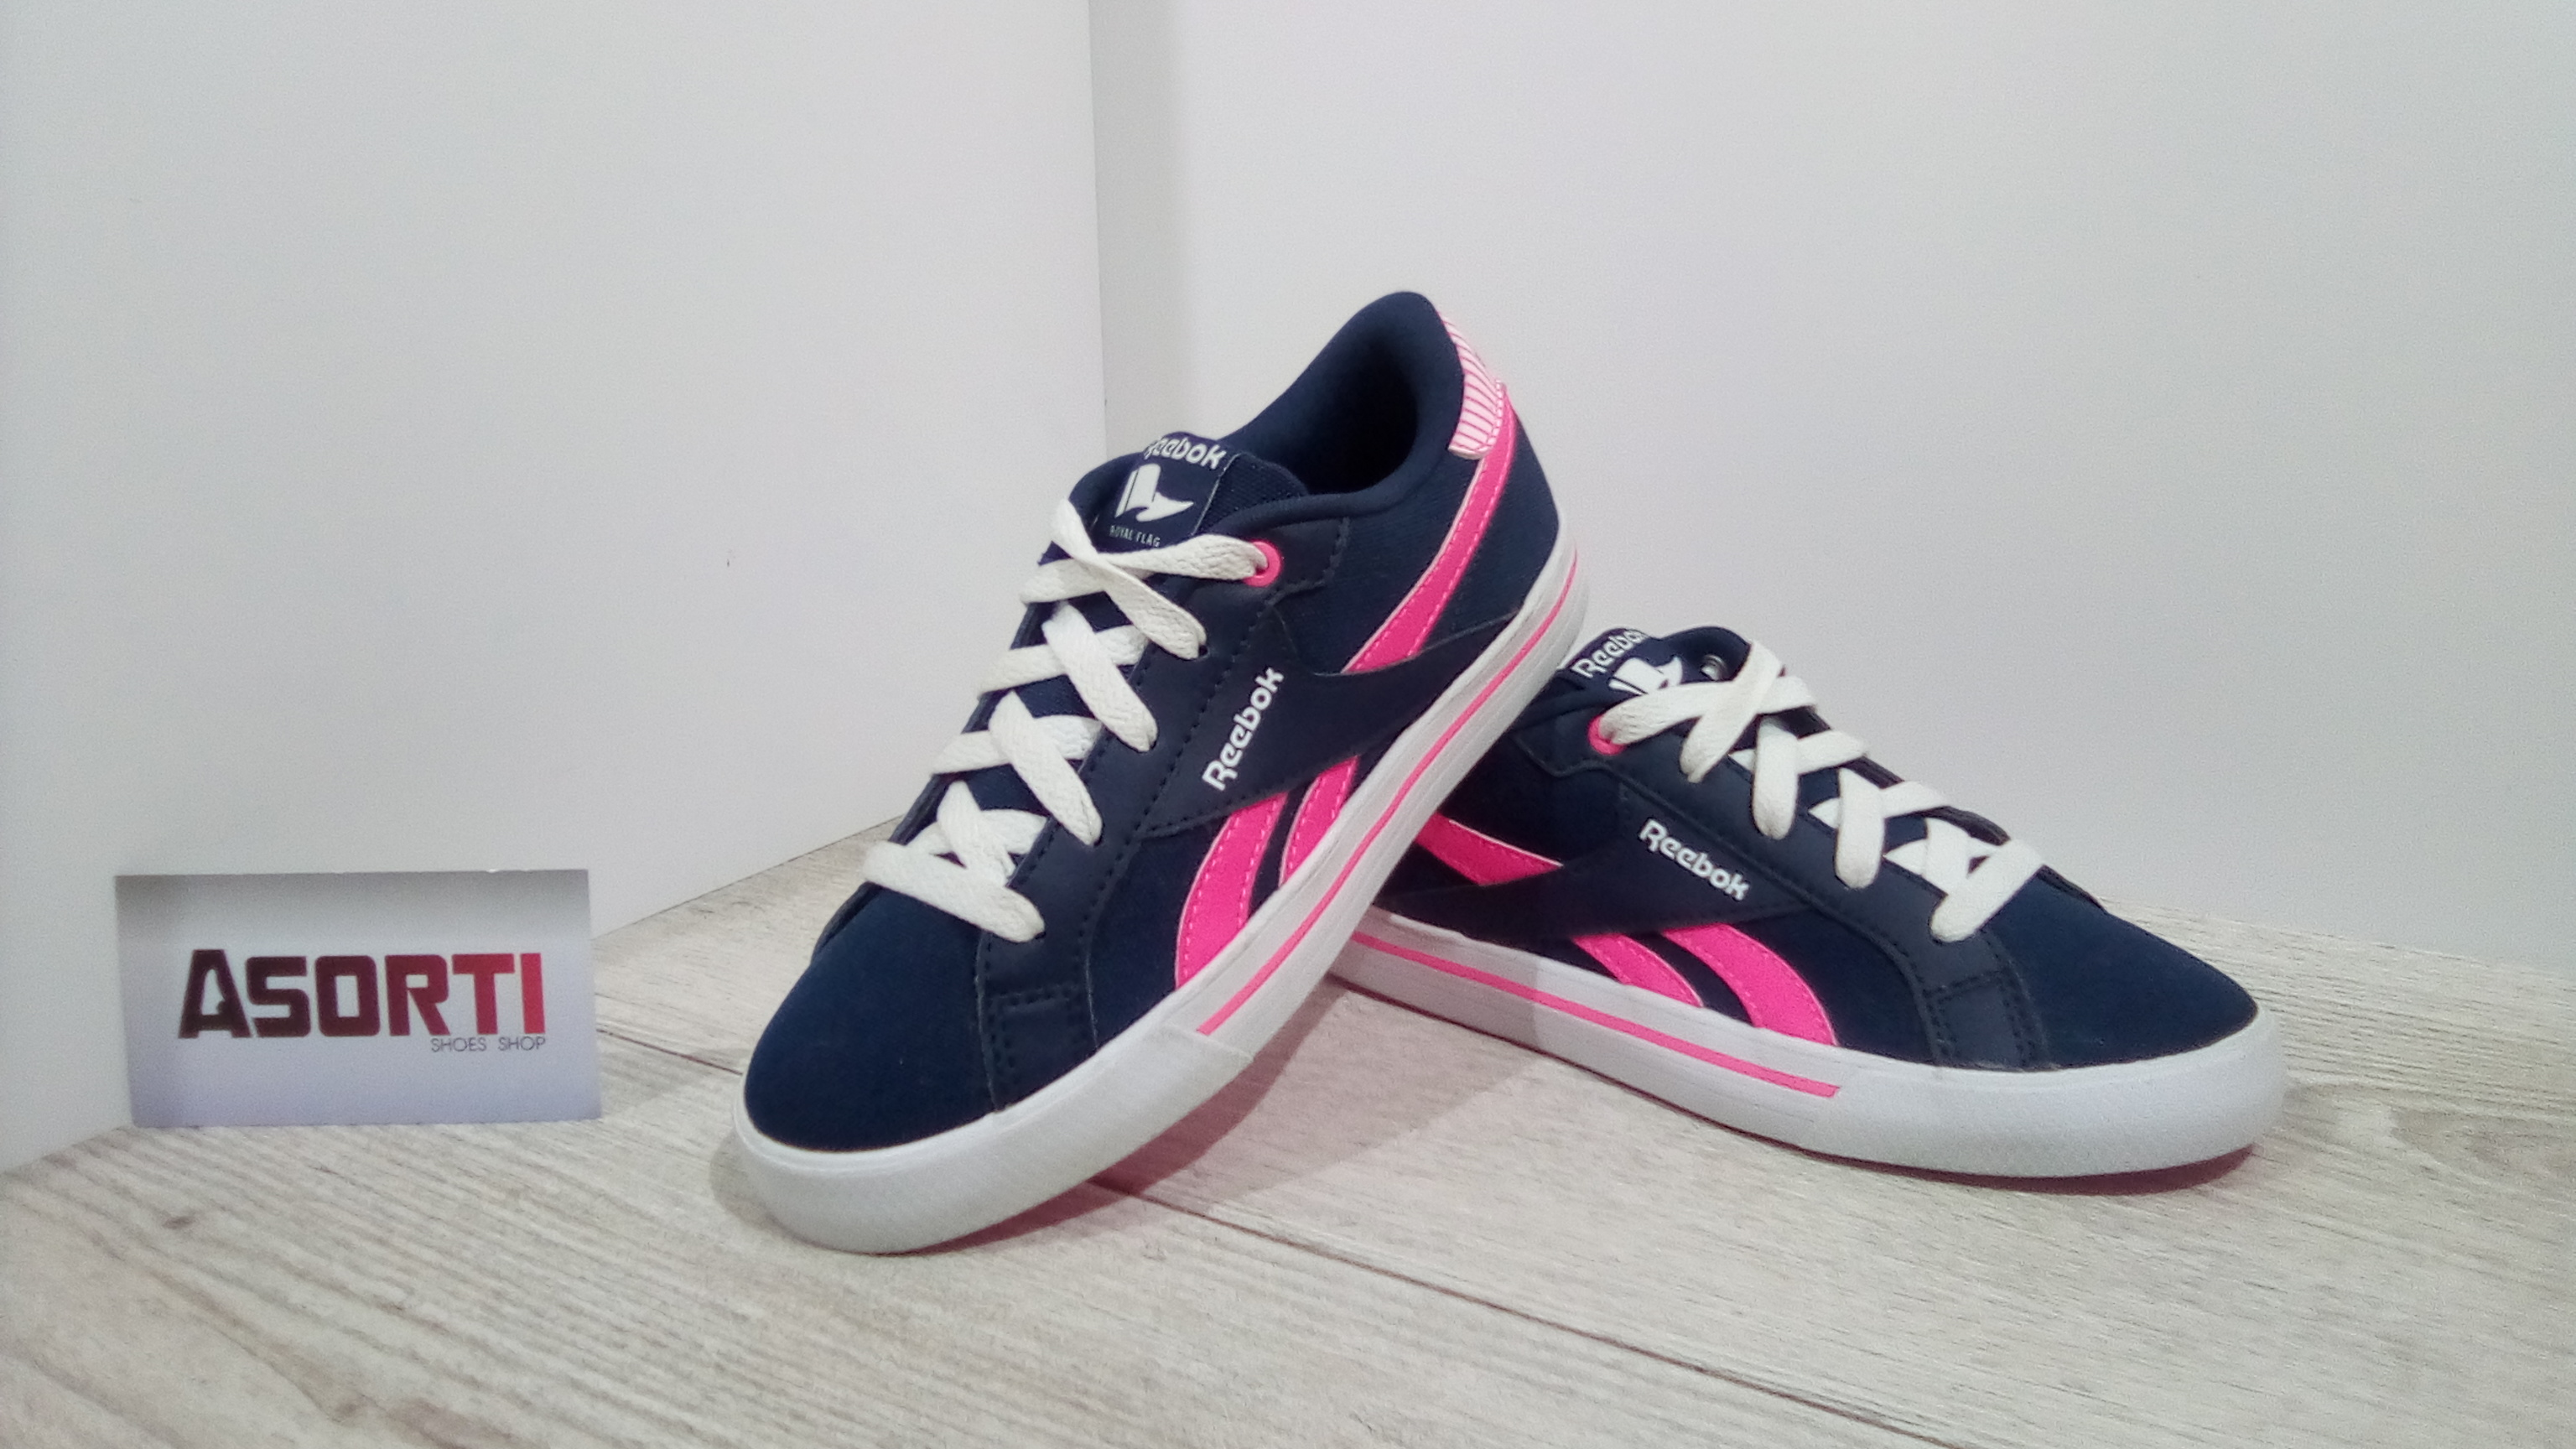 5bab6248 Дитячі кросівки Reebok Royal COMP LOW CVS (AQ9391) сині купити в ...